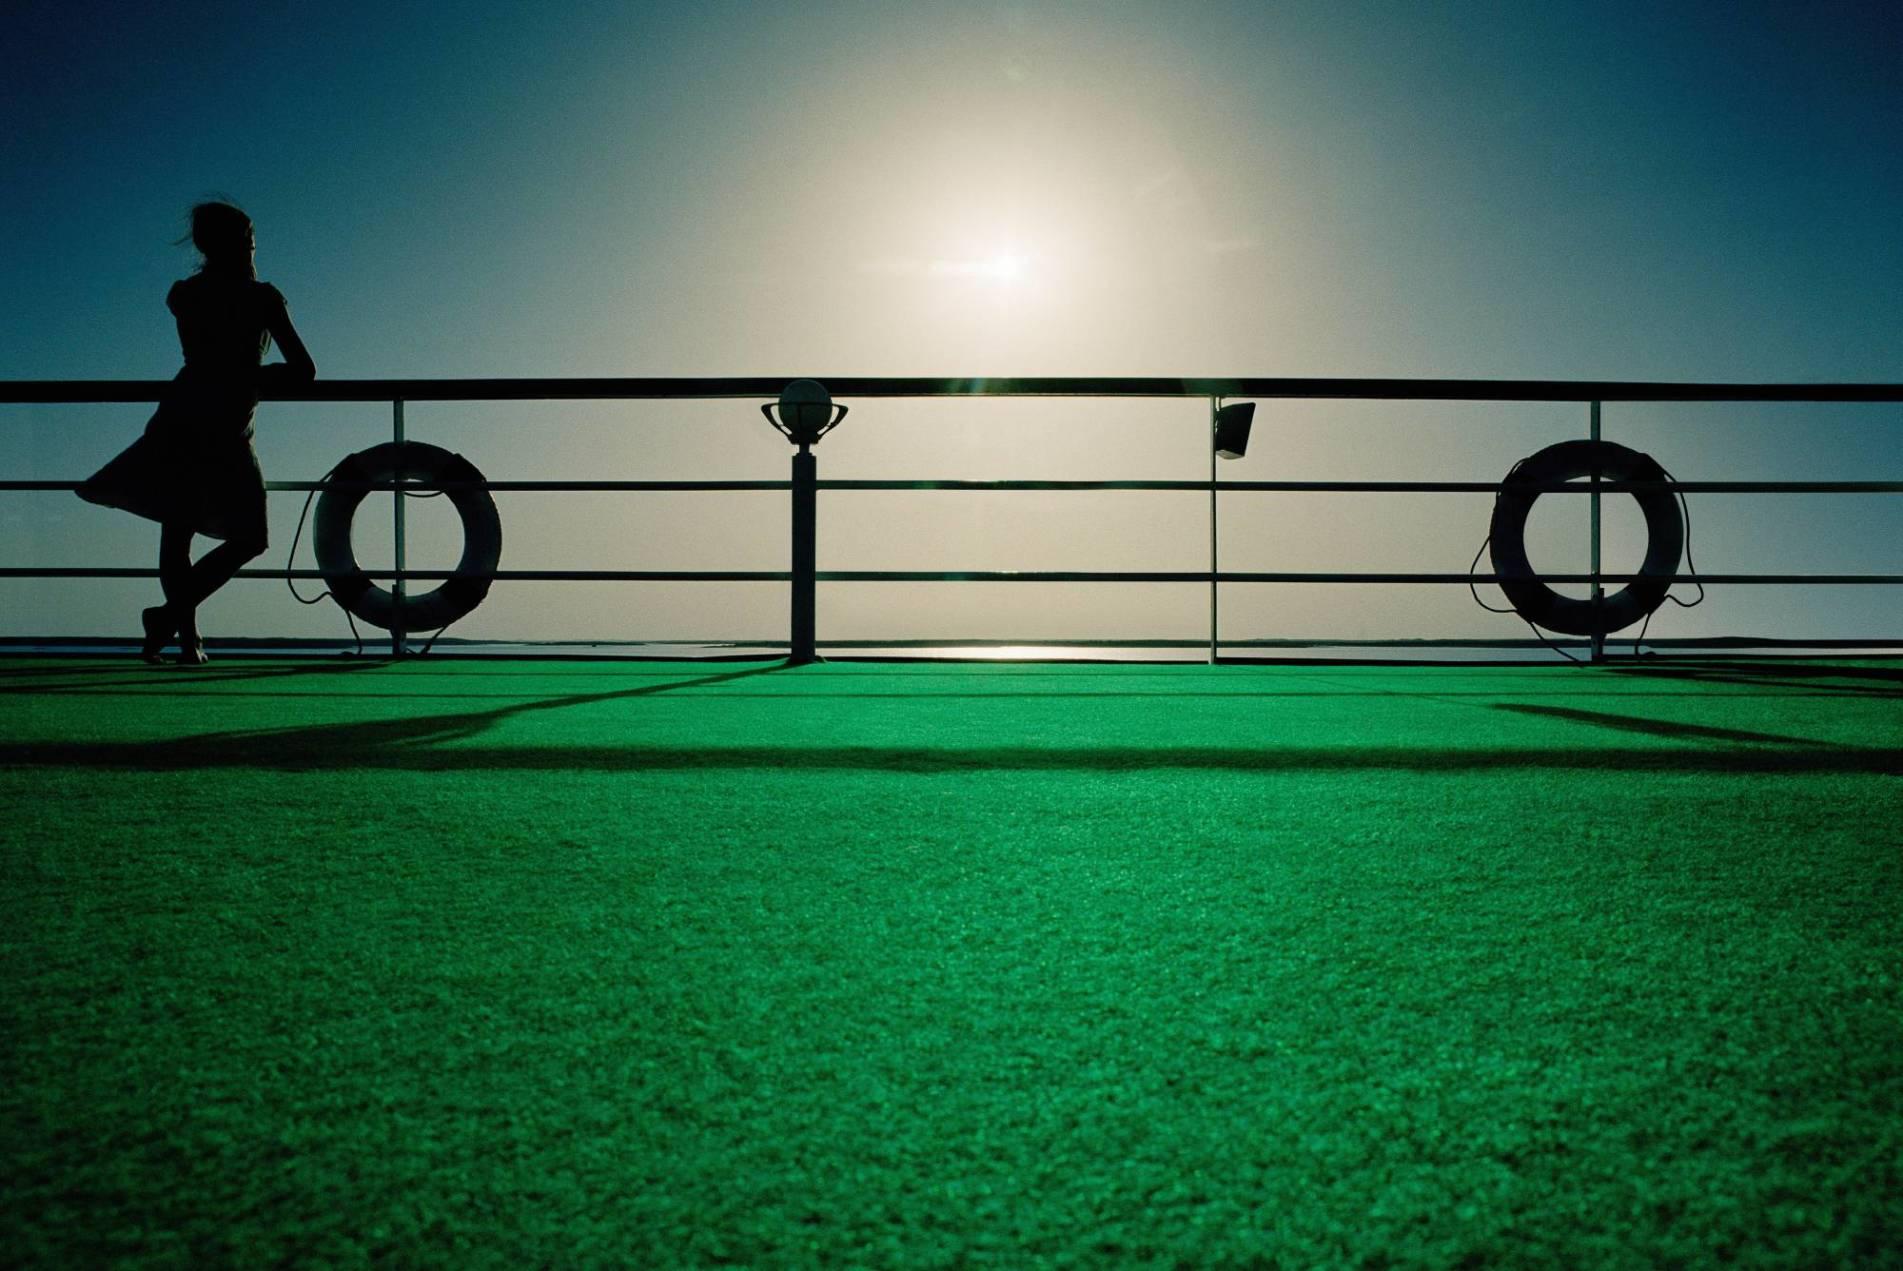 VP 5615001,  Woman leaning against handrails on Nile cruise ship, Egypt  [Urhebervermerk: Kent Krogh/Cultura RM/vario images]  [JEGLICHE VERWENDUNG nur gegen HONORAR und BELEG. URHEBER/AGENTURVERMERK wird gemaess Paragraph 13 UrhG und unserer AGB ausdruecklich verlangt. Es gelten ausschliesslich unsere AGB. Tel: +49-(0)228-935650, www.vario-images.com]